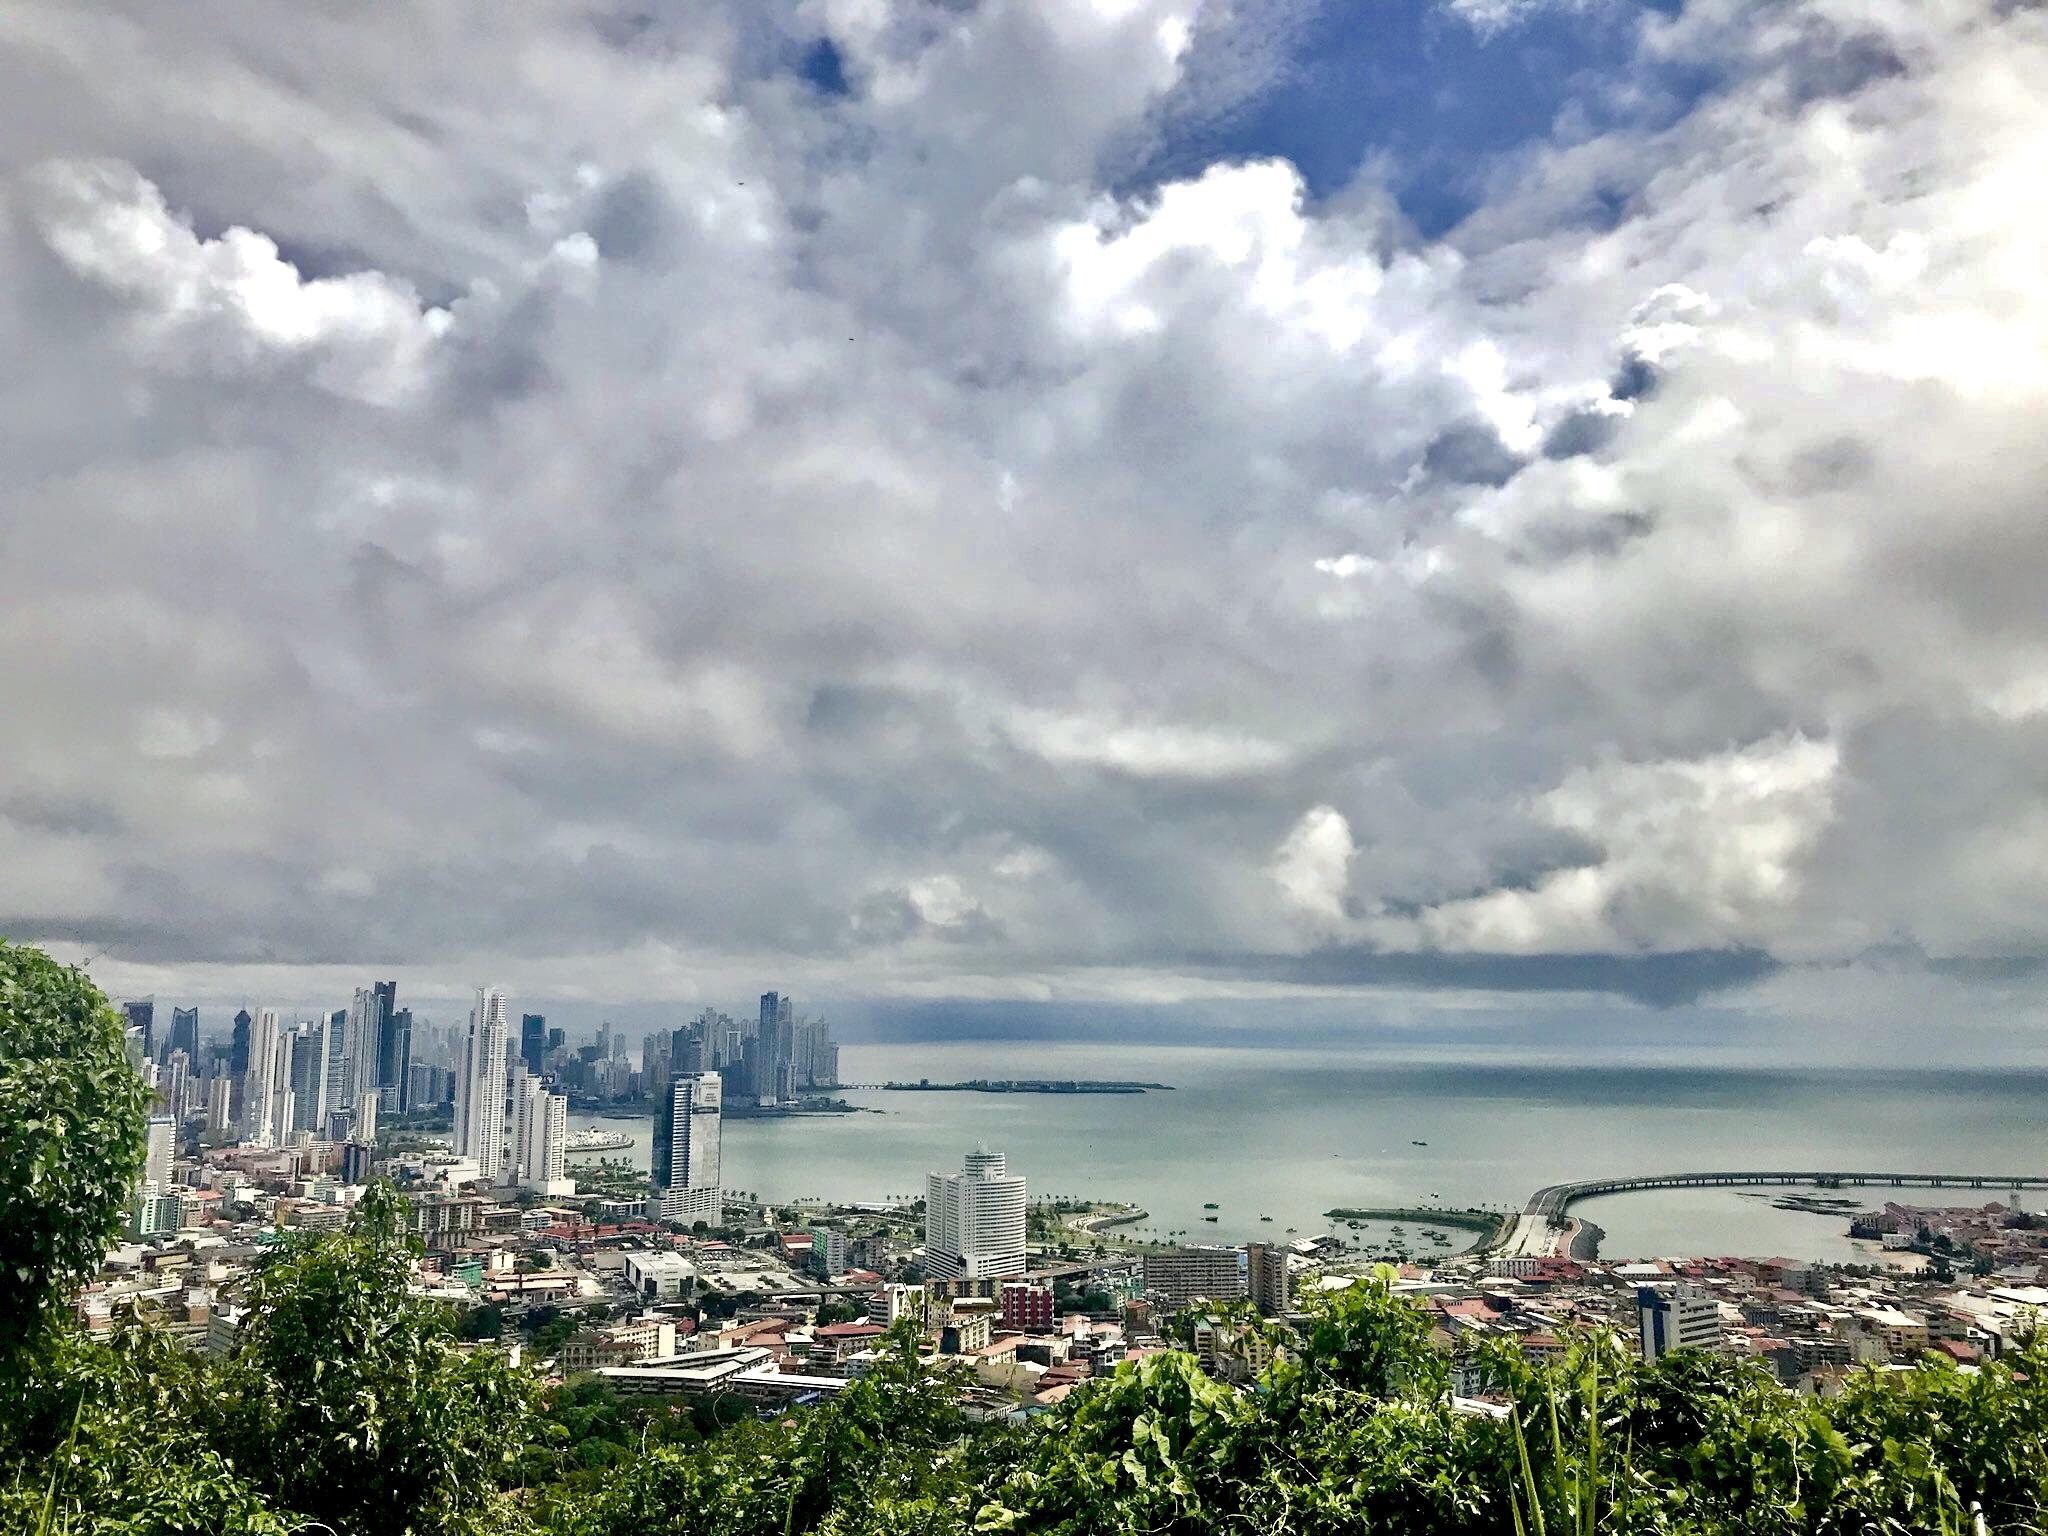 Orla da Ciudad do Panamá, capital do Panamá